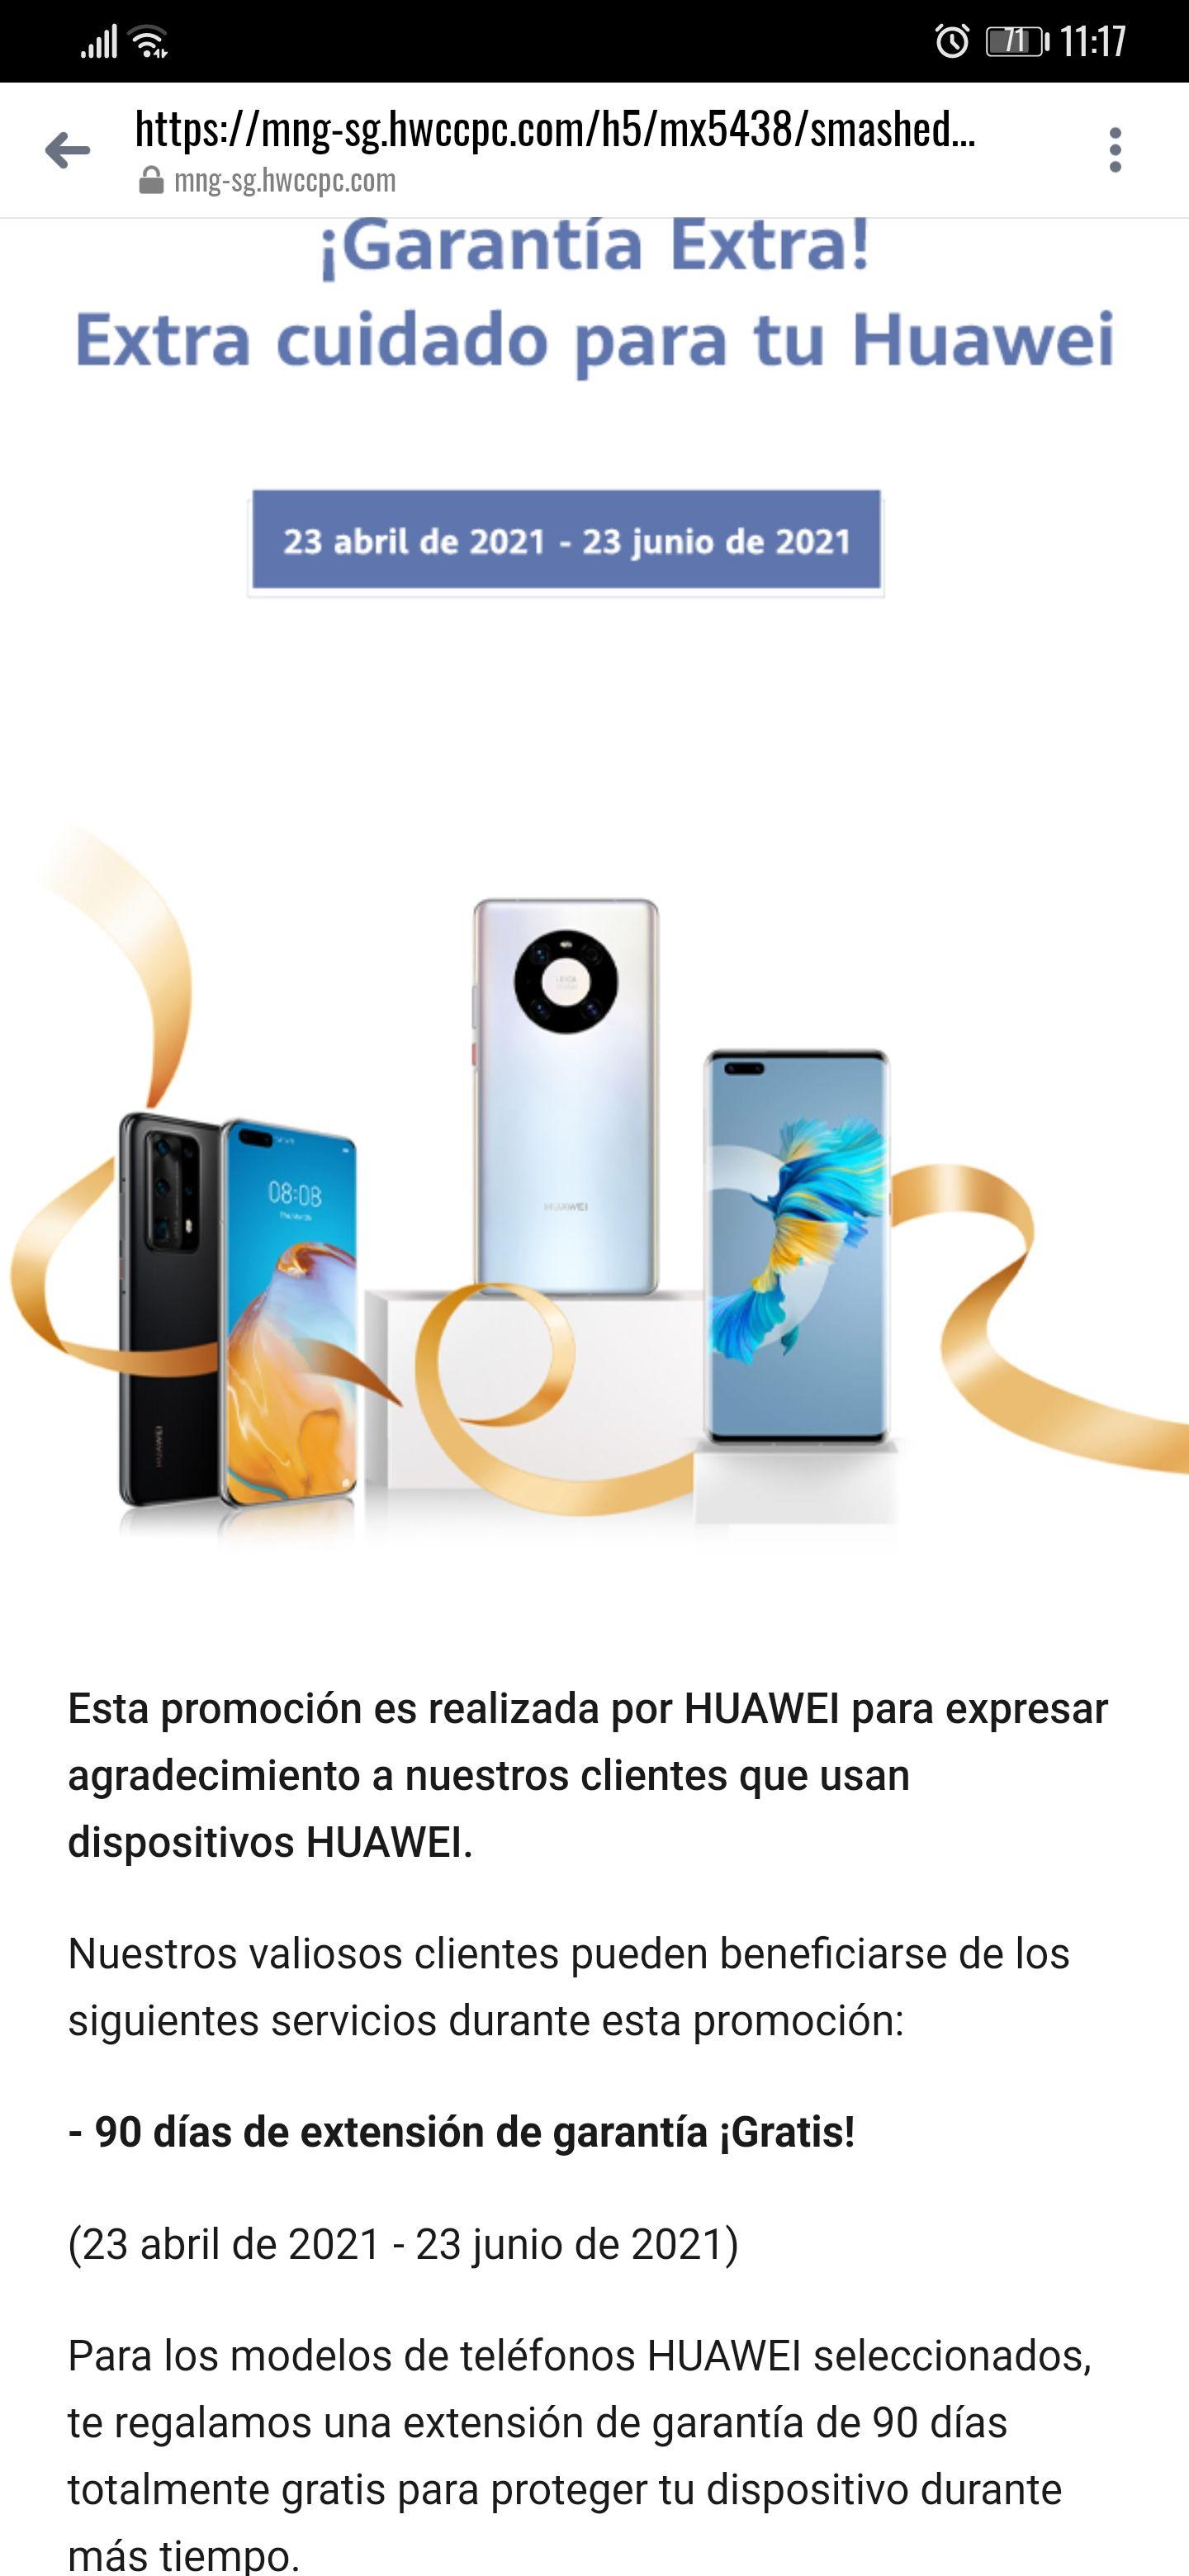 Huawei: 90 Dias Extra de Garantía Celulares Participantes